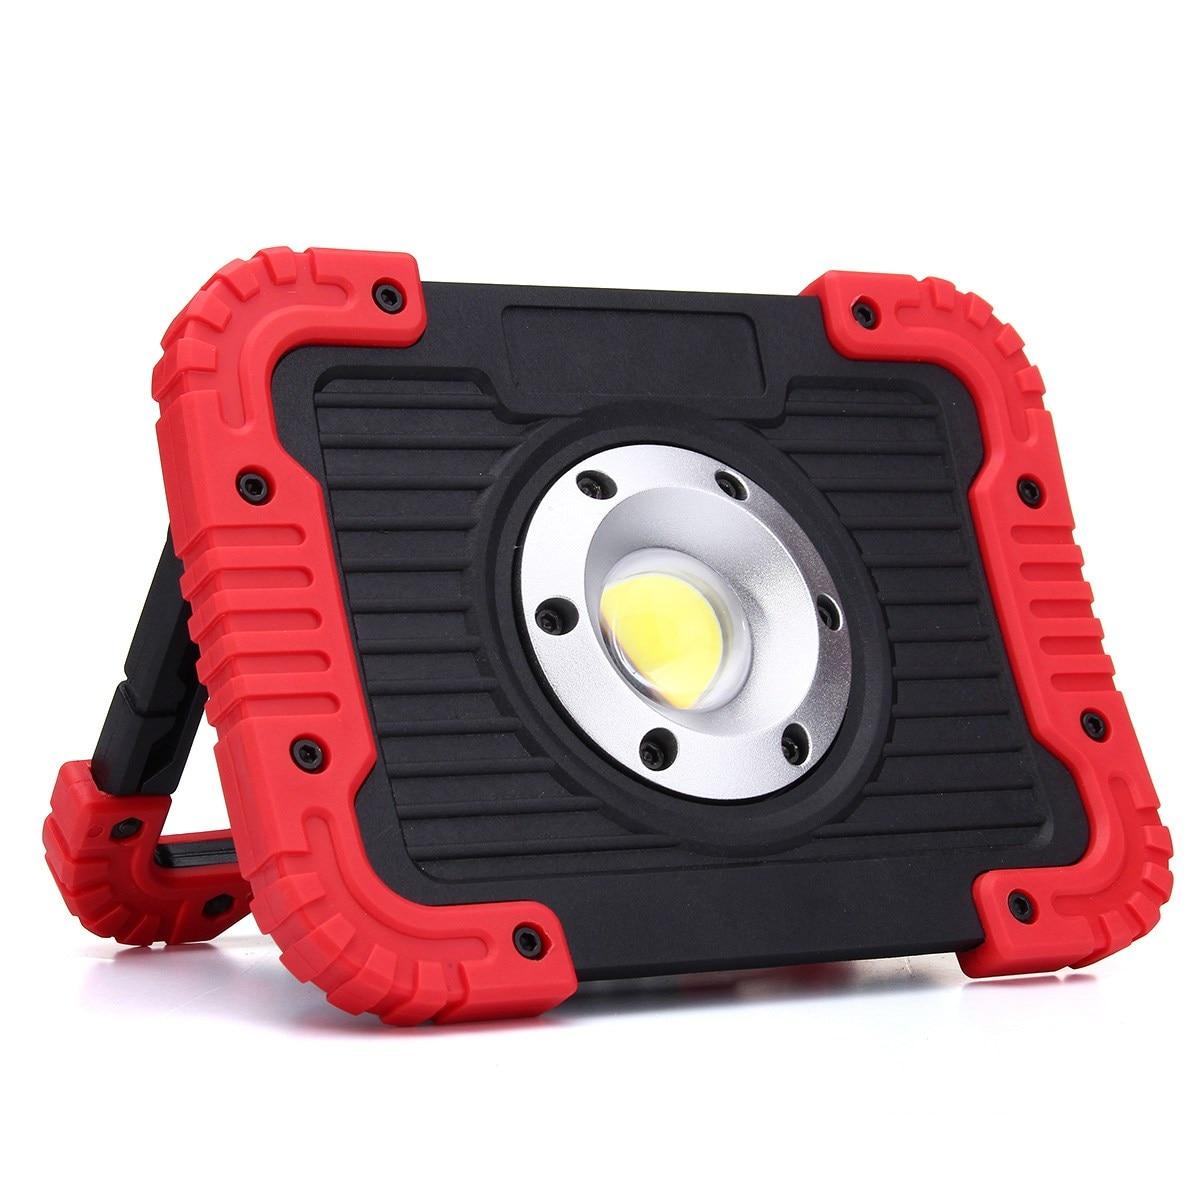 COB 20 Led-strahler LED Arbeitslicht Wiederaufladbare Griff Taschenlampe Outdoor-LED Flutlicht Camping Lampe